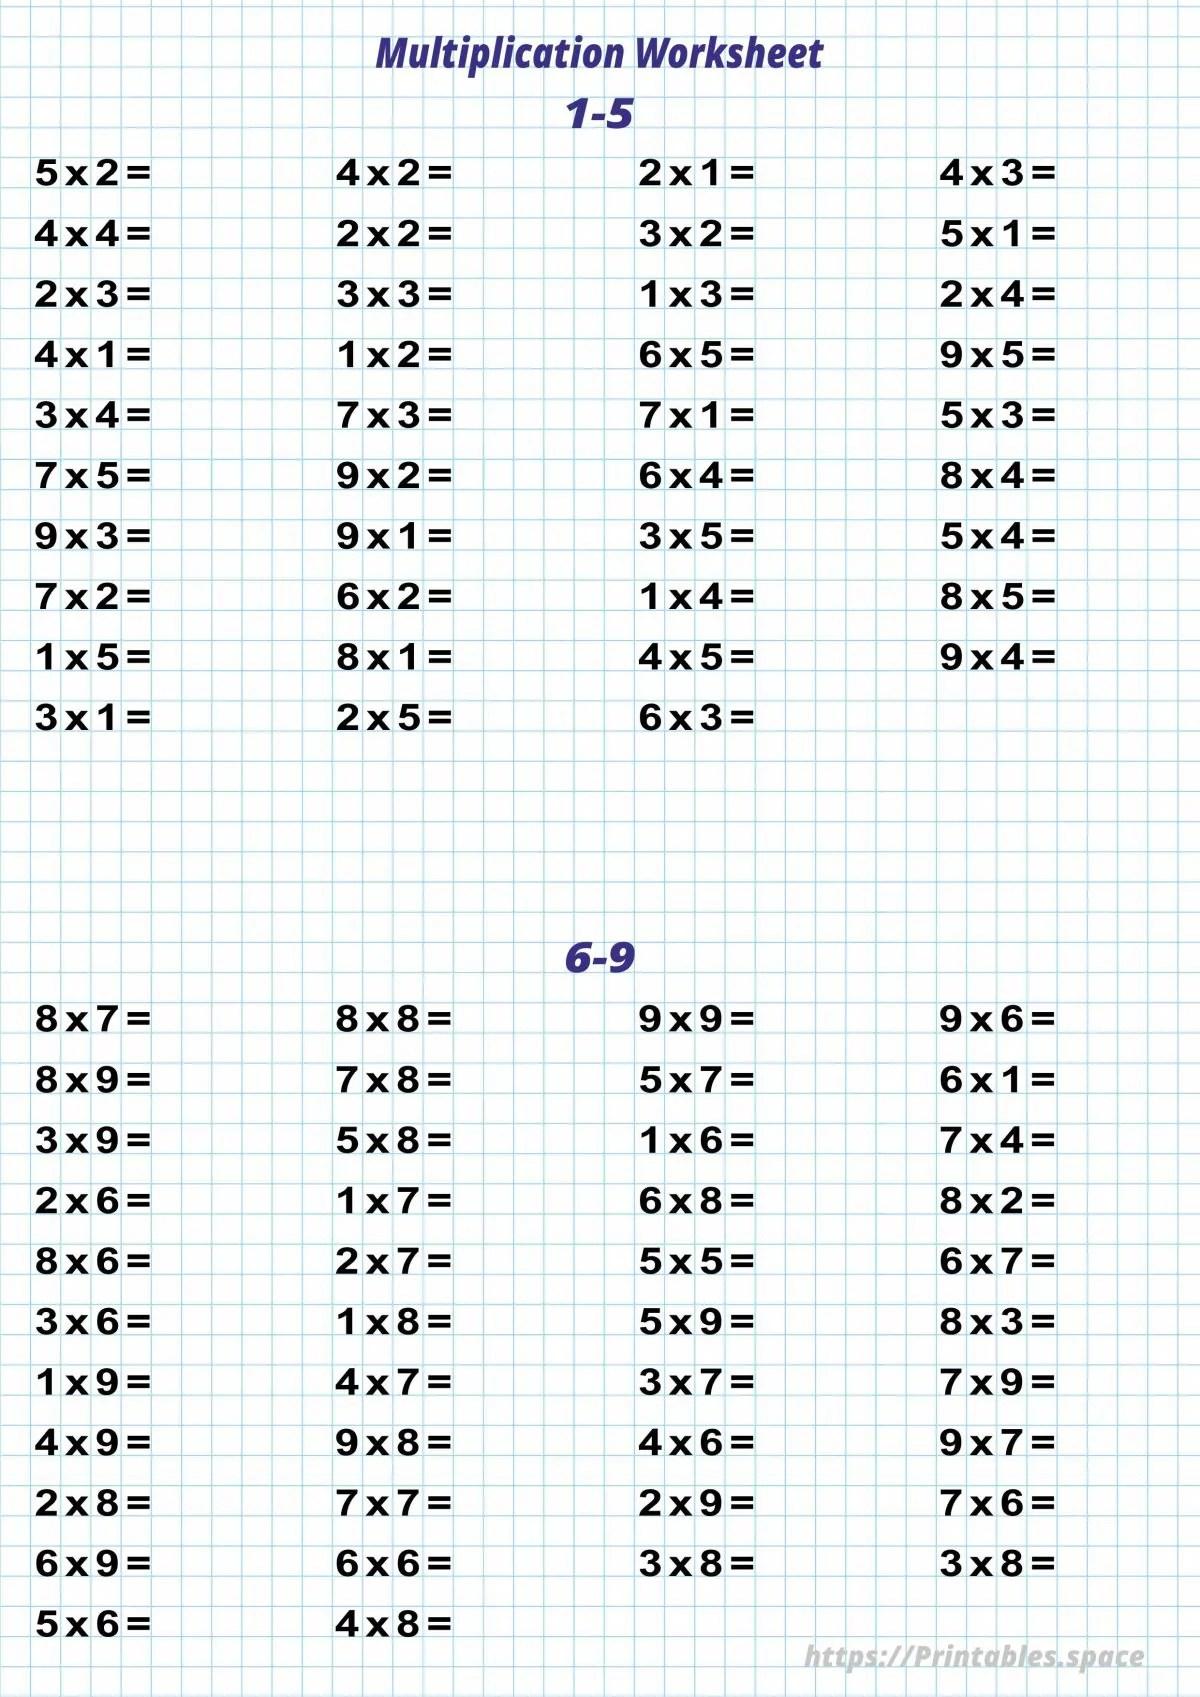 Printable Multiplication Worksheet Free Printables